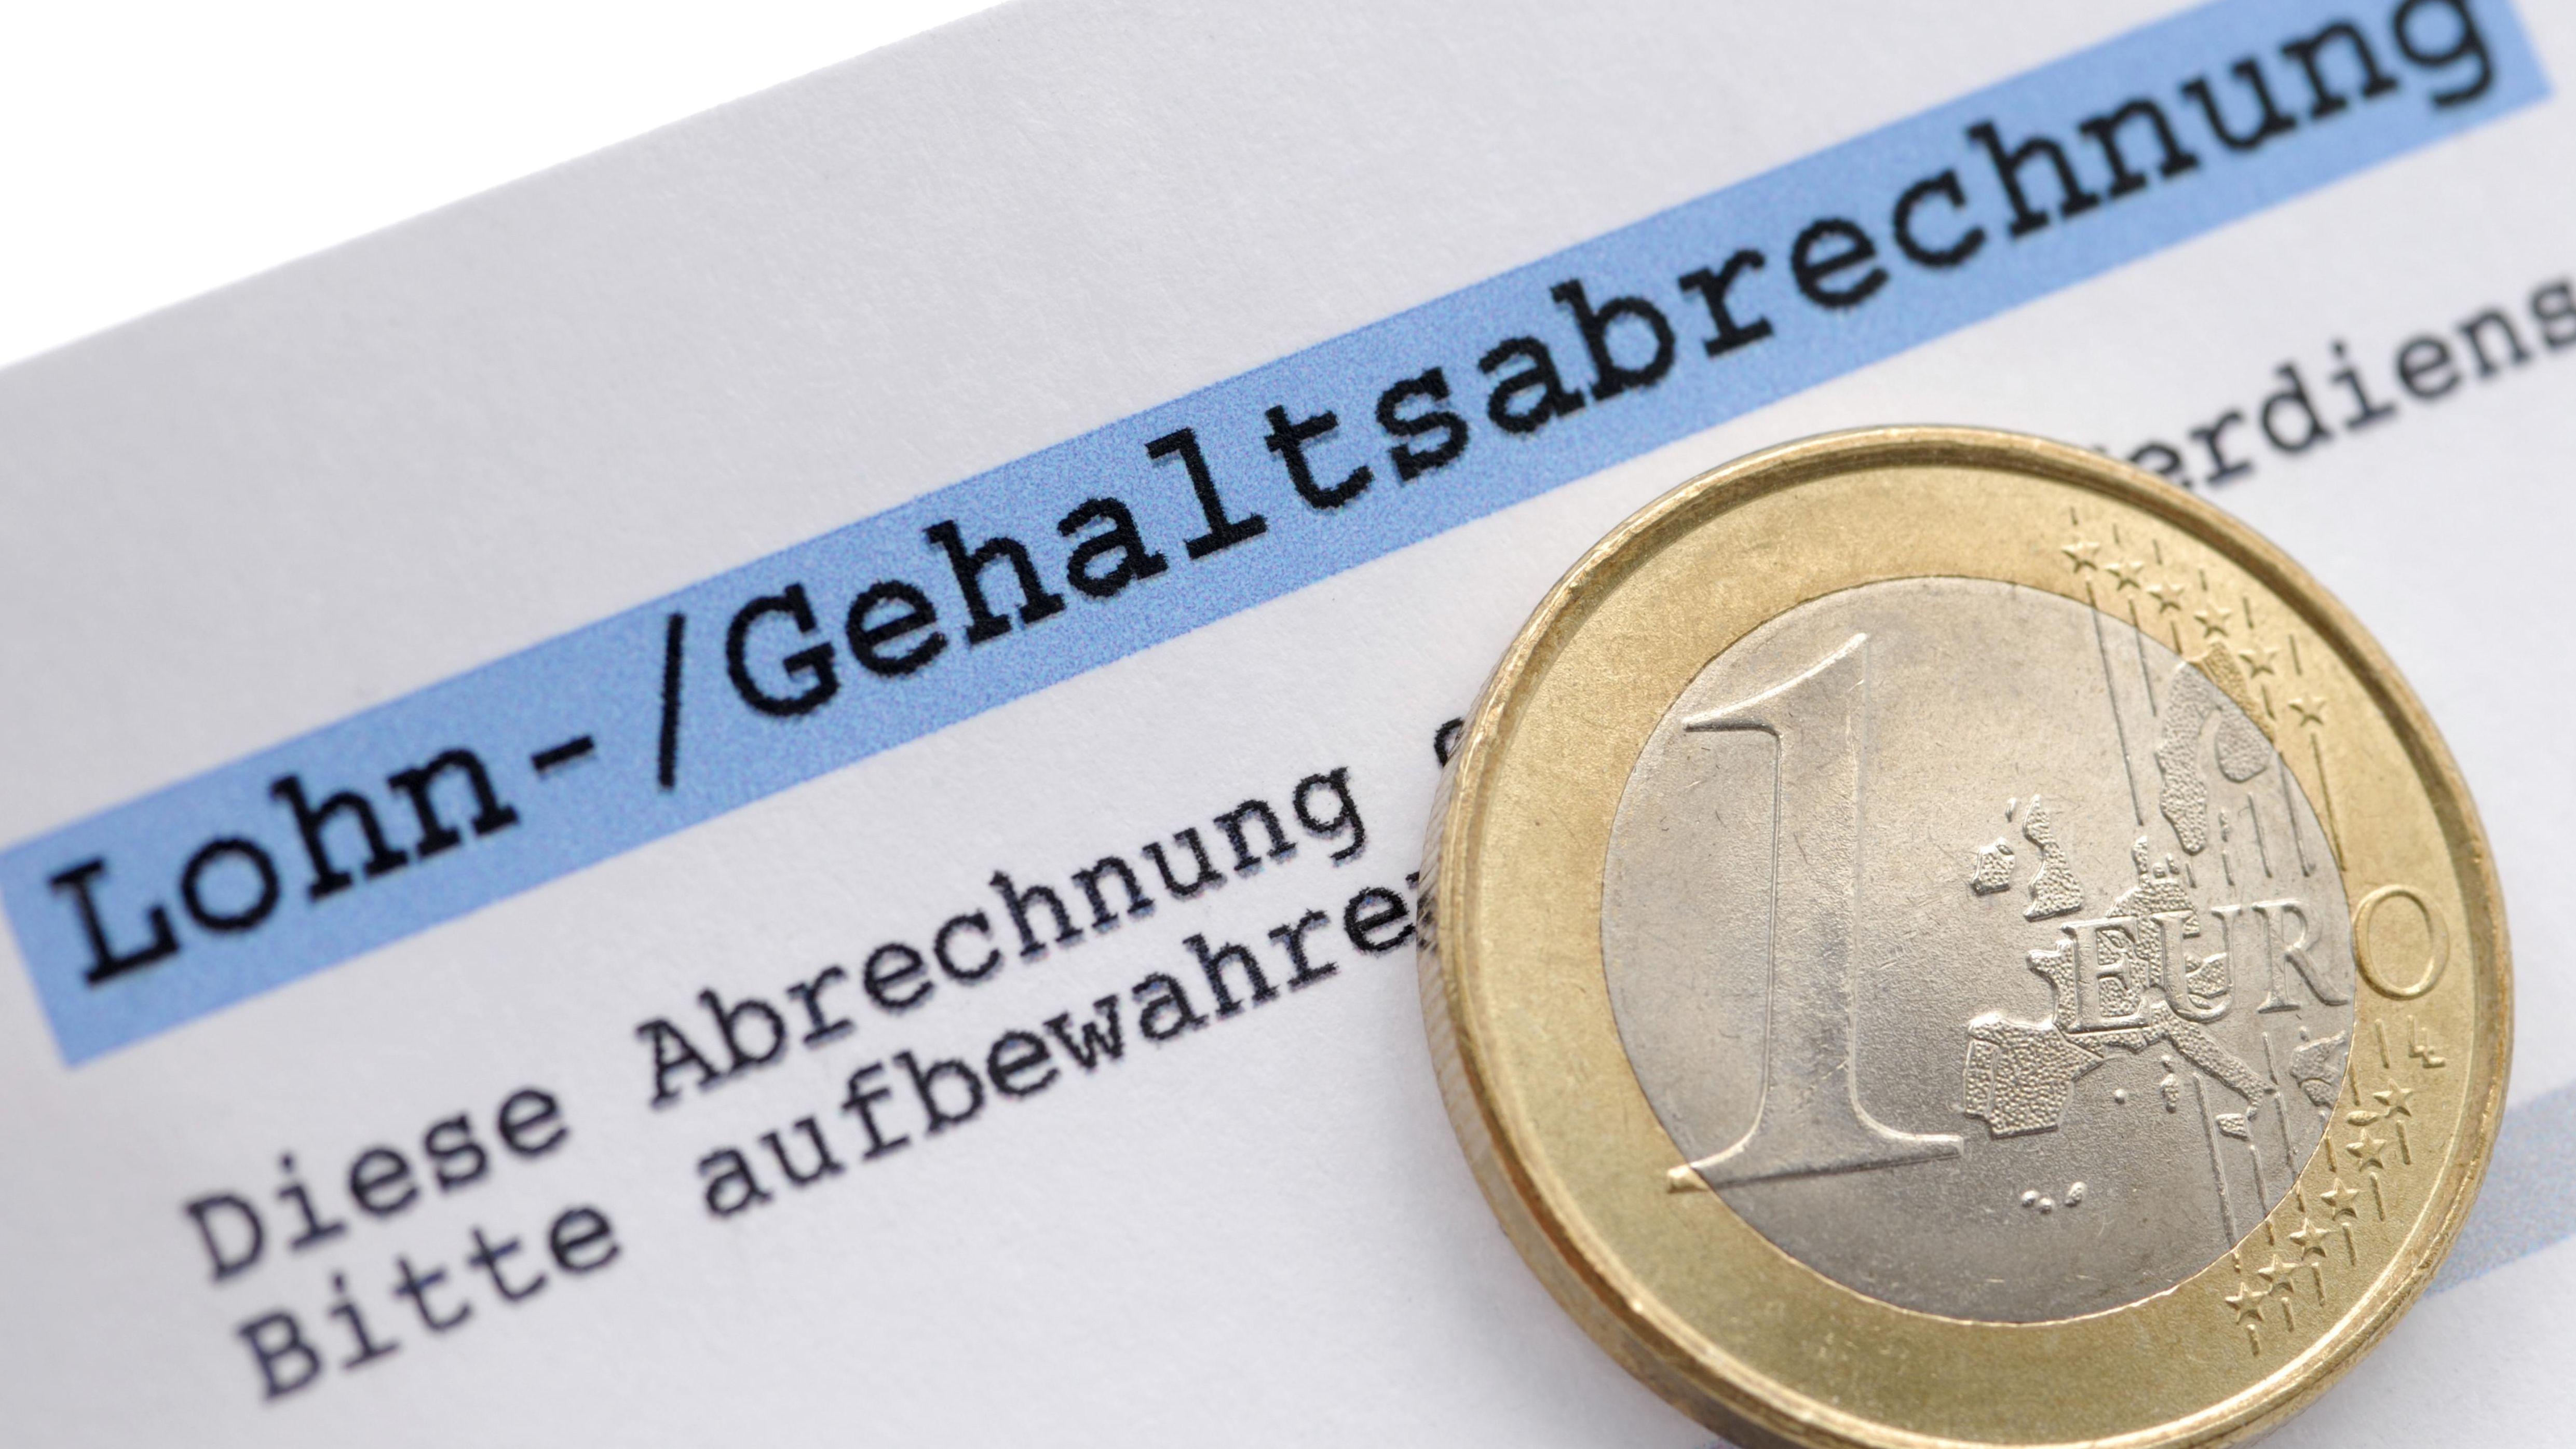 Eine Gehaltsabrechnung liegt neben einer Euromünze, Symbolbild.